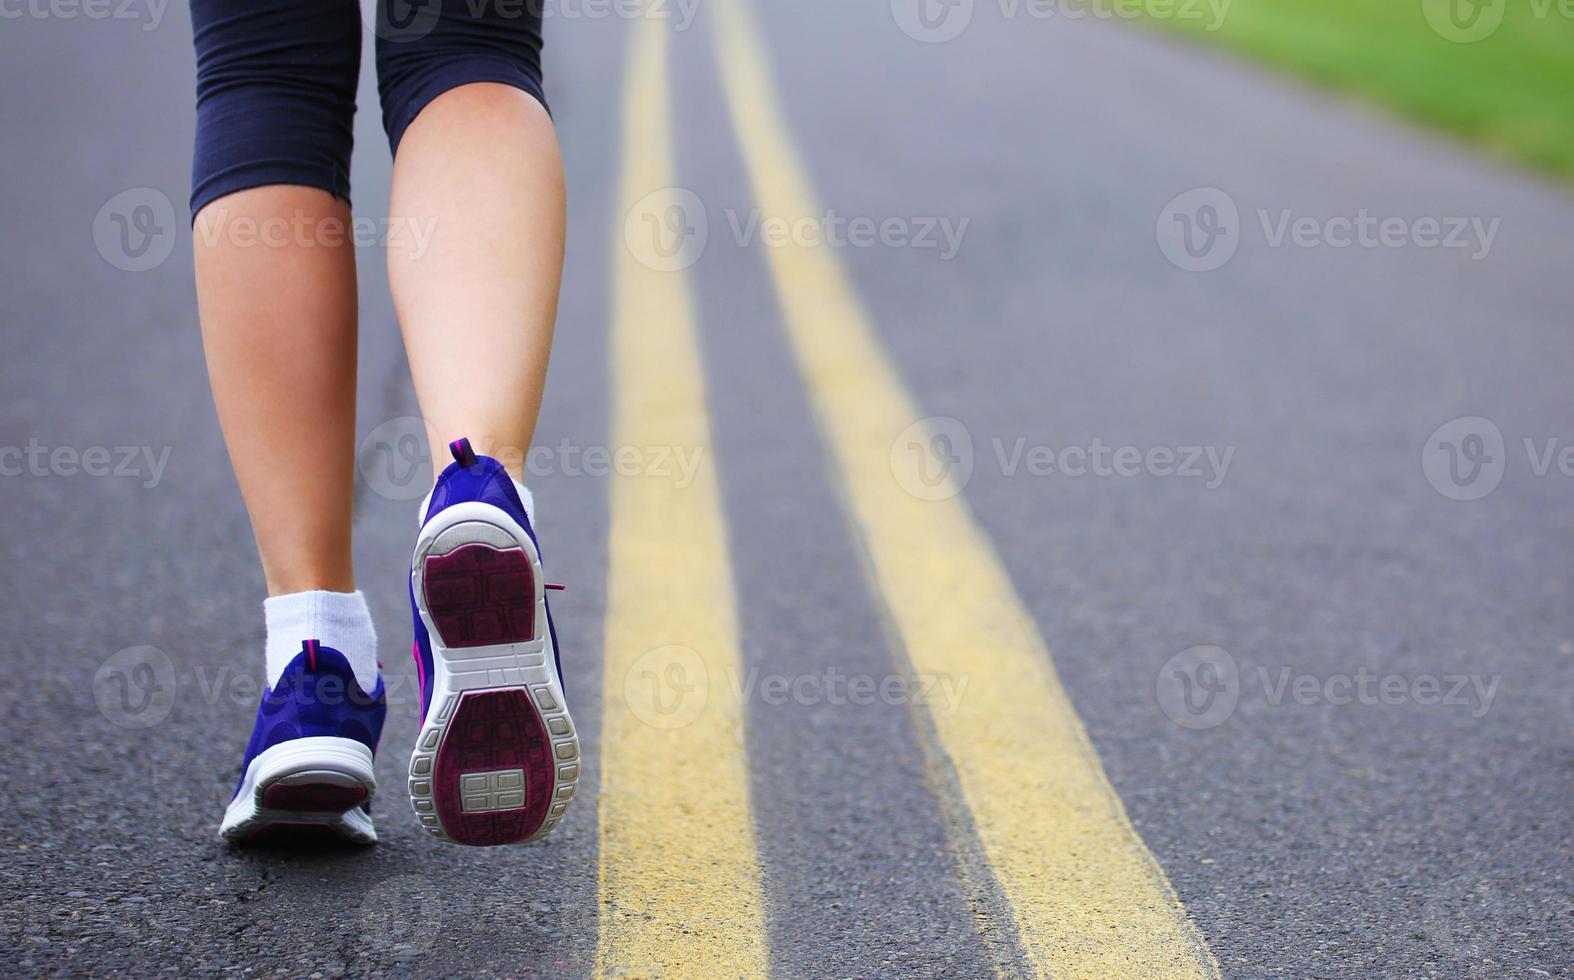 löpare kvinnliga fötter springer på vägen foto